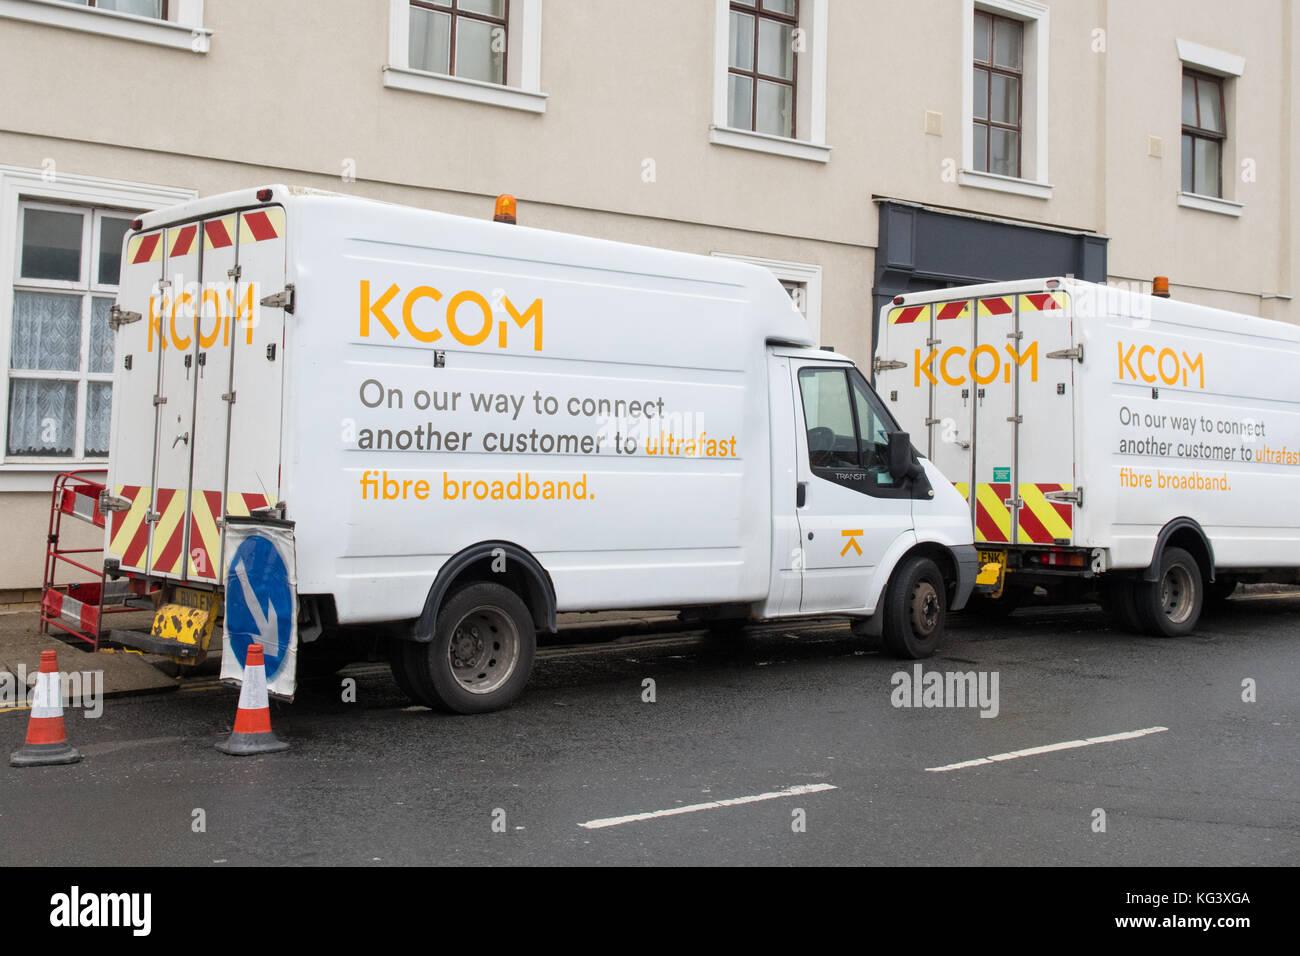 839c566f7e Kcom Stock Photos   Kcom Stock Images - Alamy